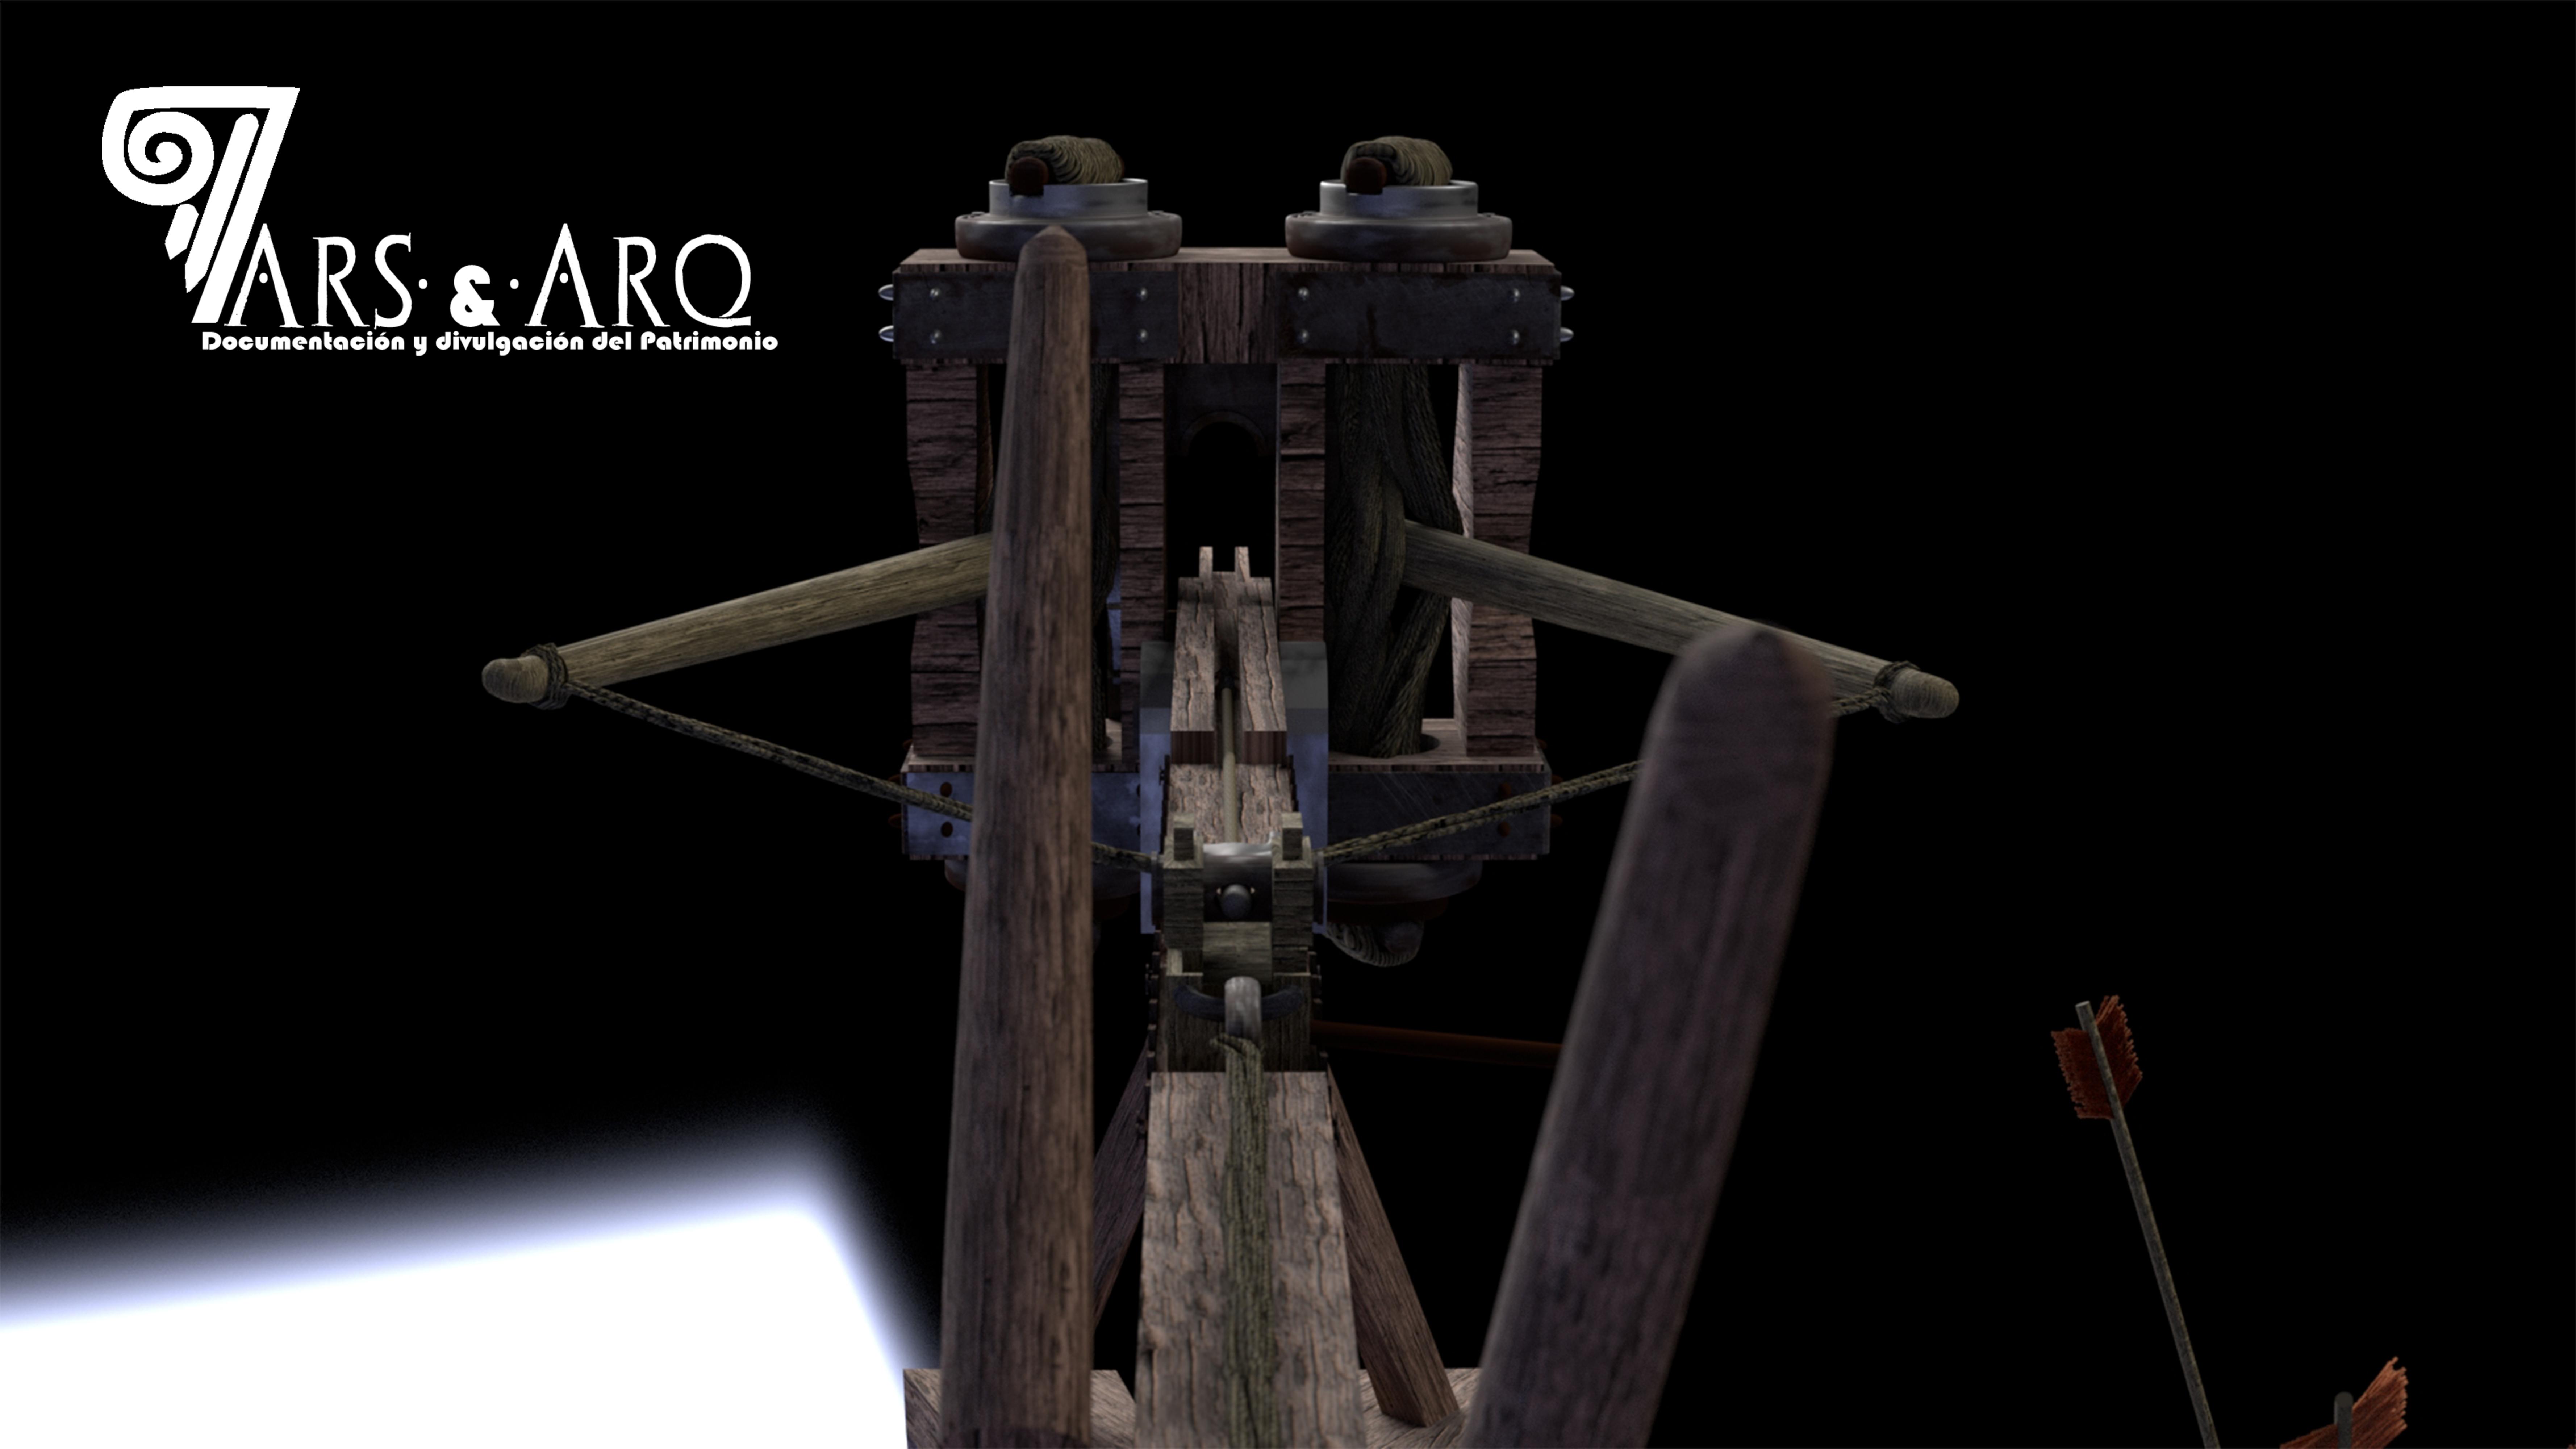 Reconstrucción virtual de como vería un romano el scorpio en el momento de lanzar la flecha al enemigo.